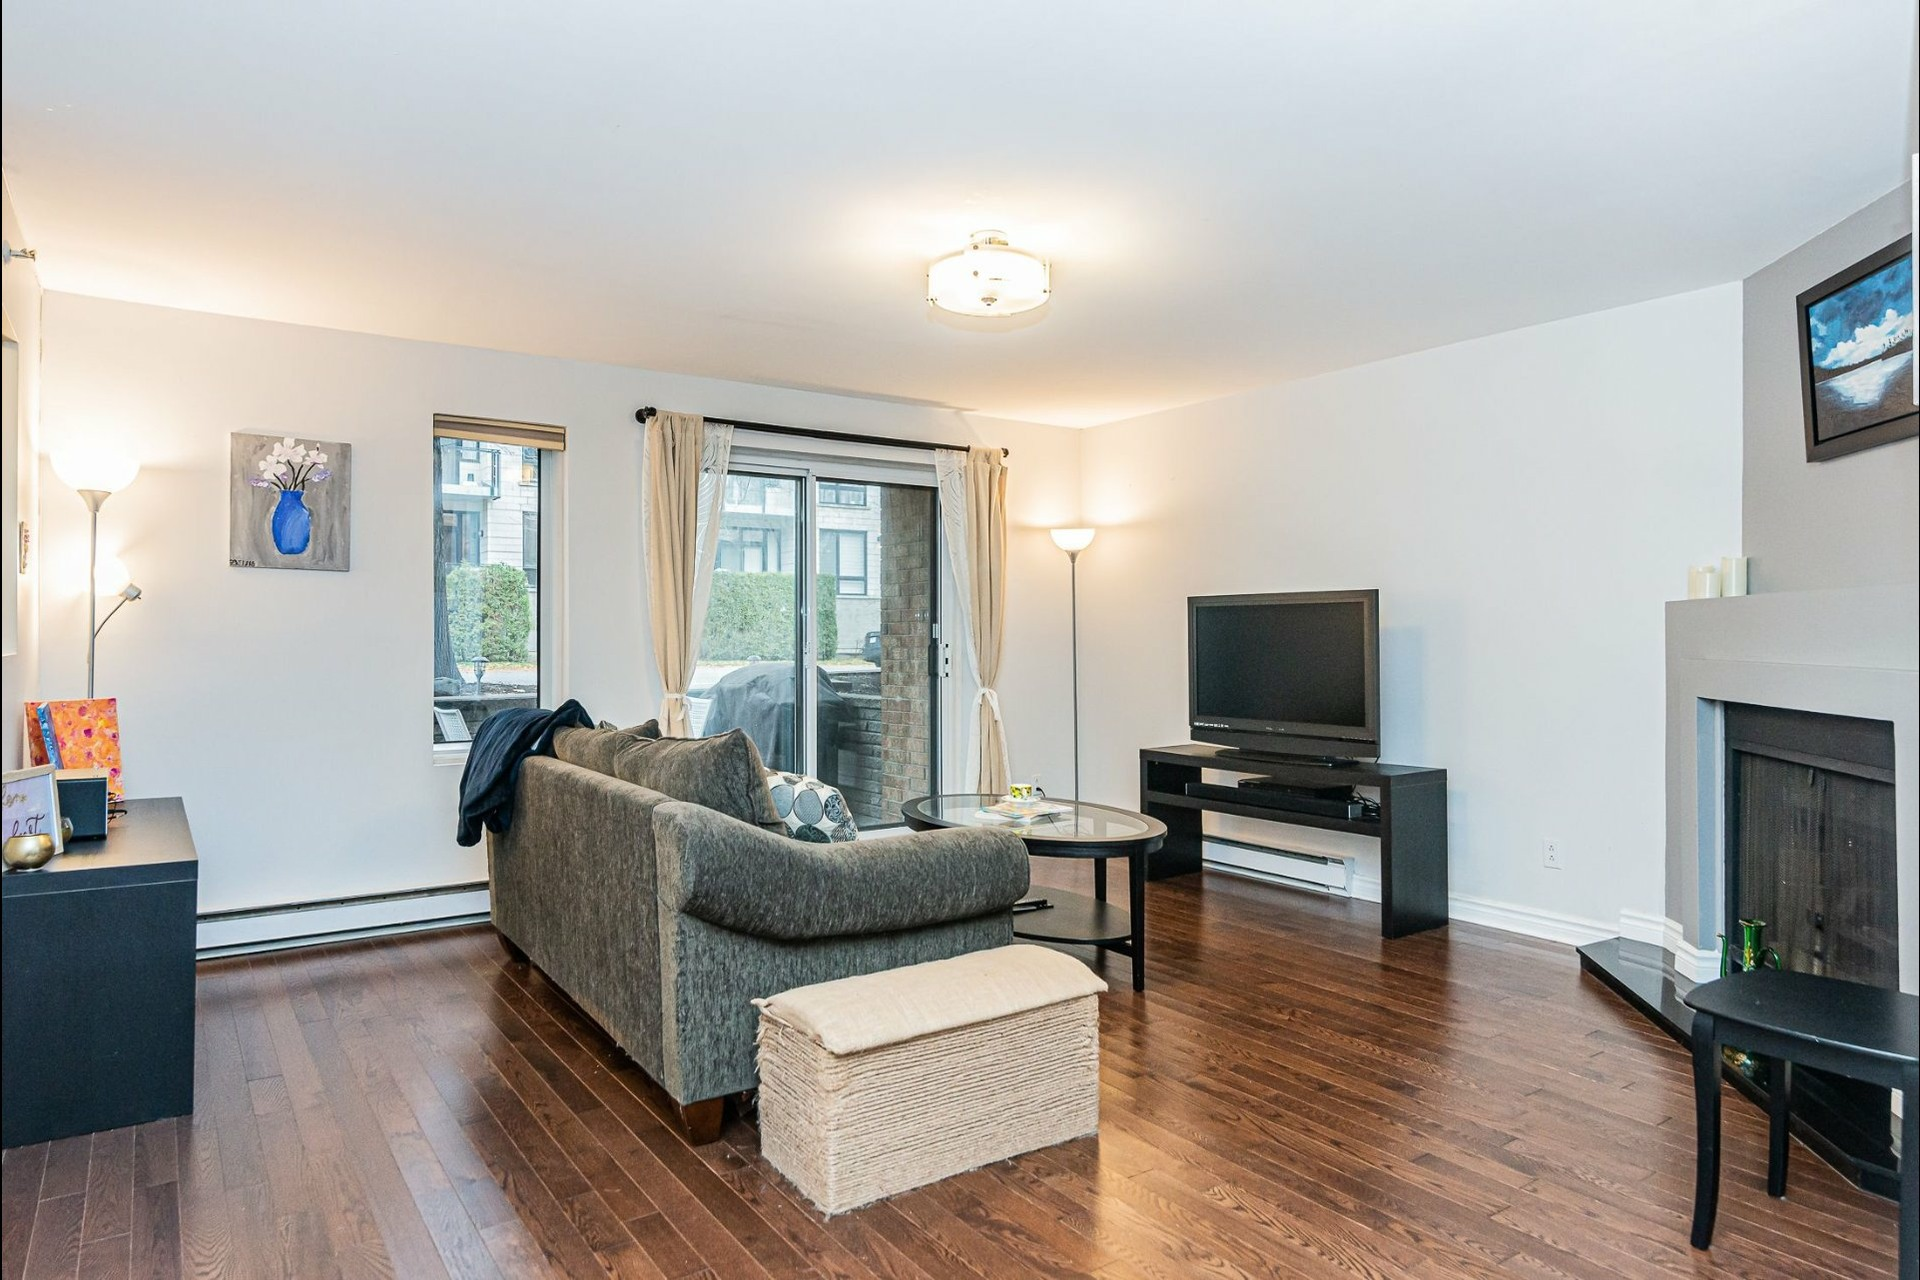 image 4 - Appartement À vendre Ville-Marie Montréal  - 6 pièces